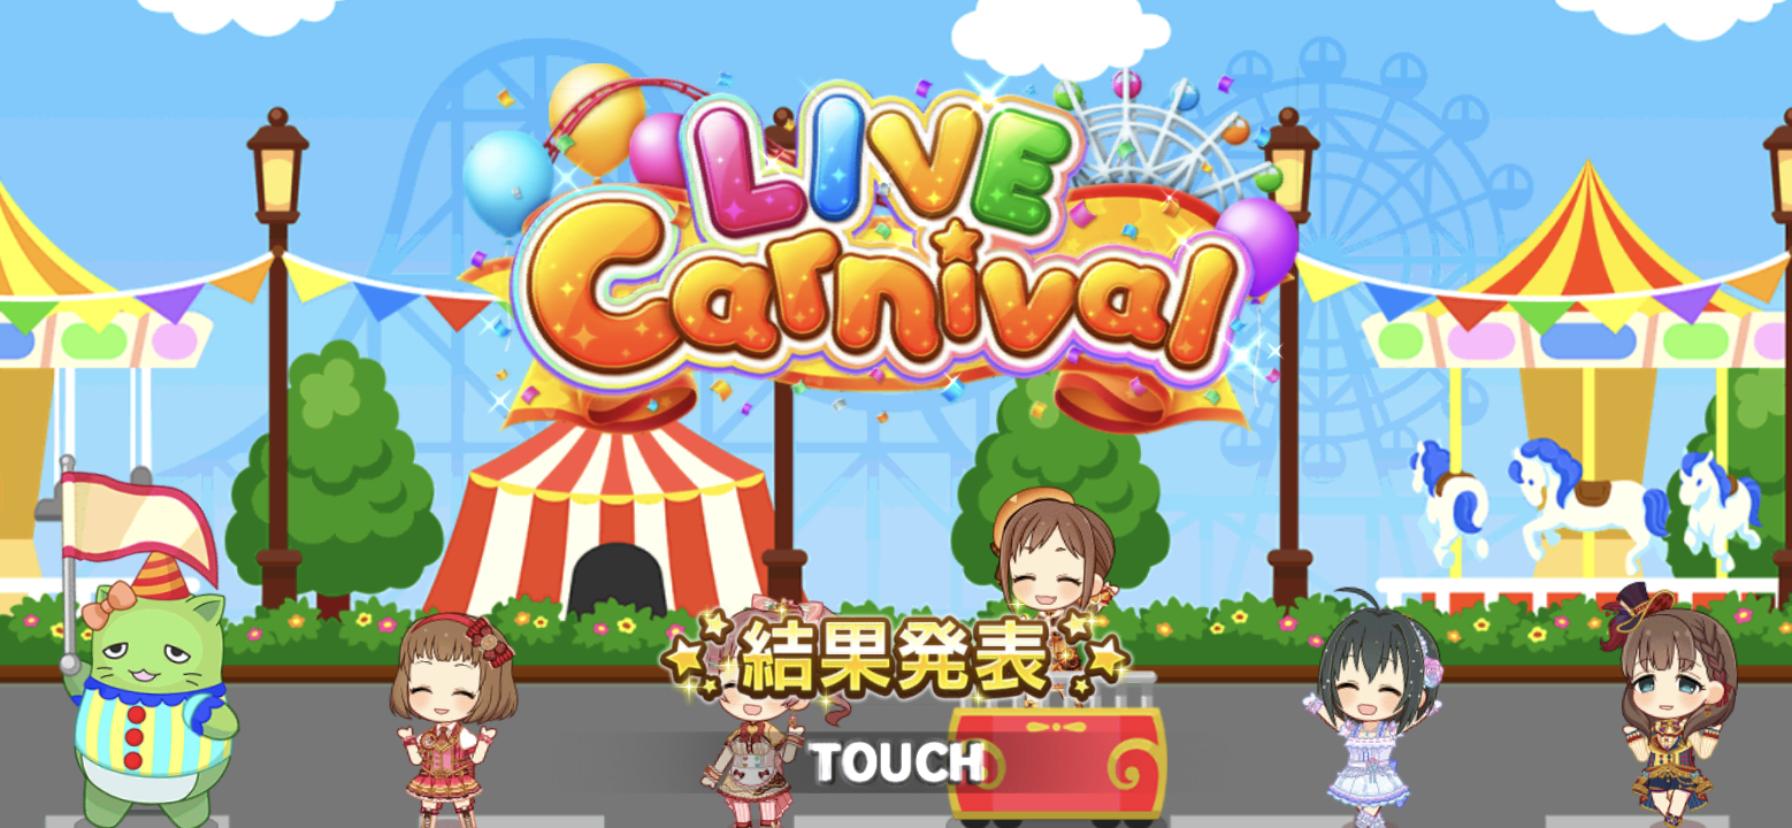 [デレステ]新イベントLive Carnival終了!